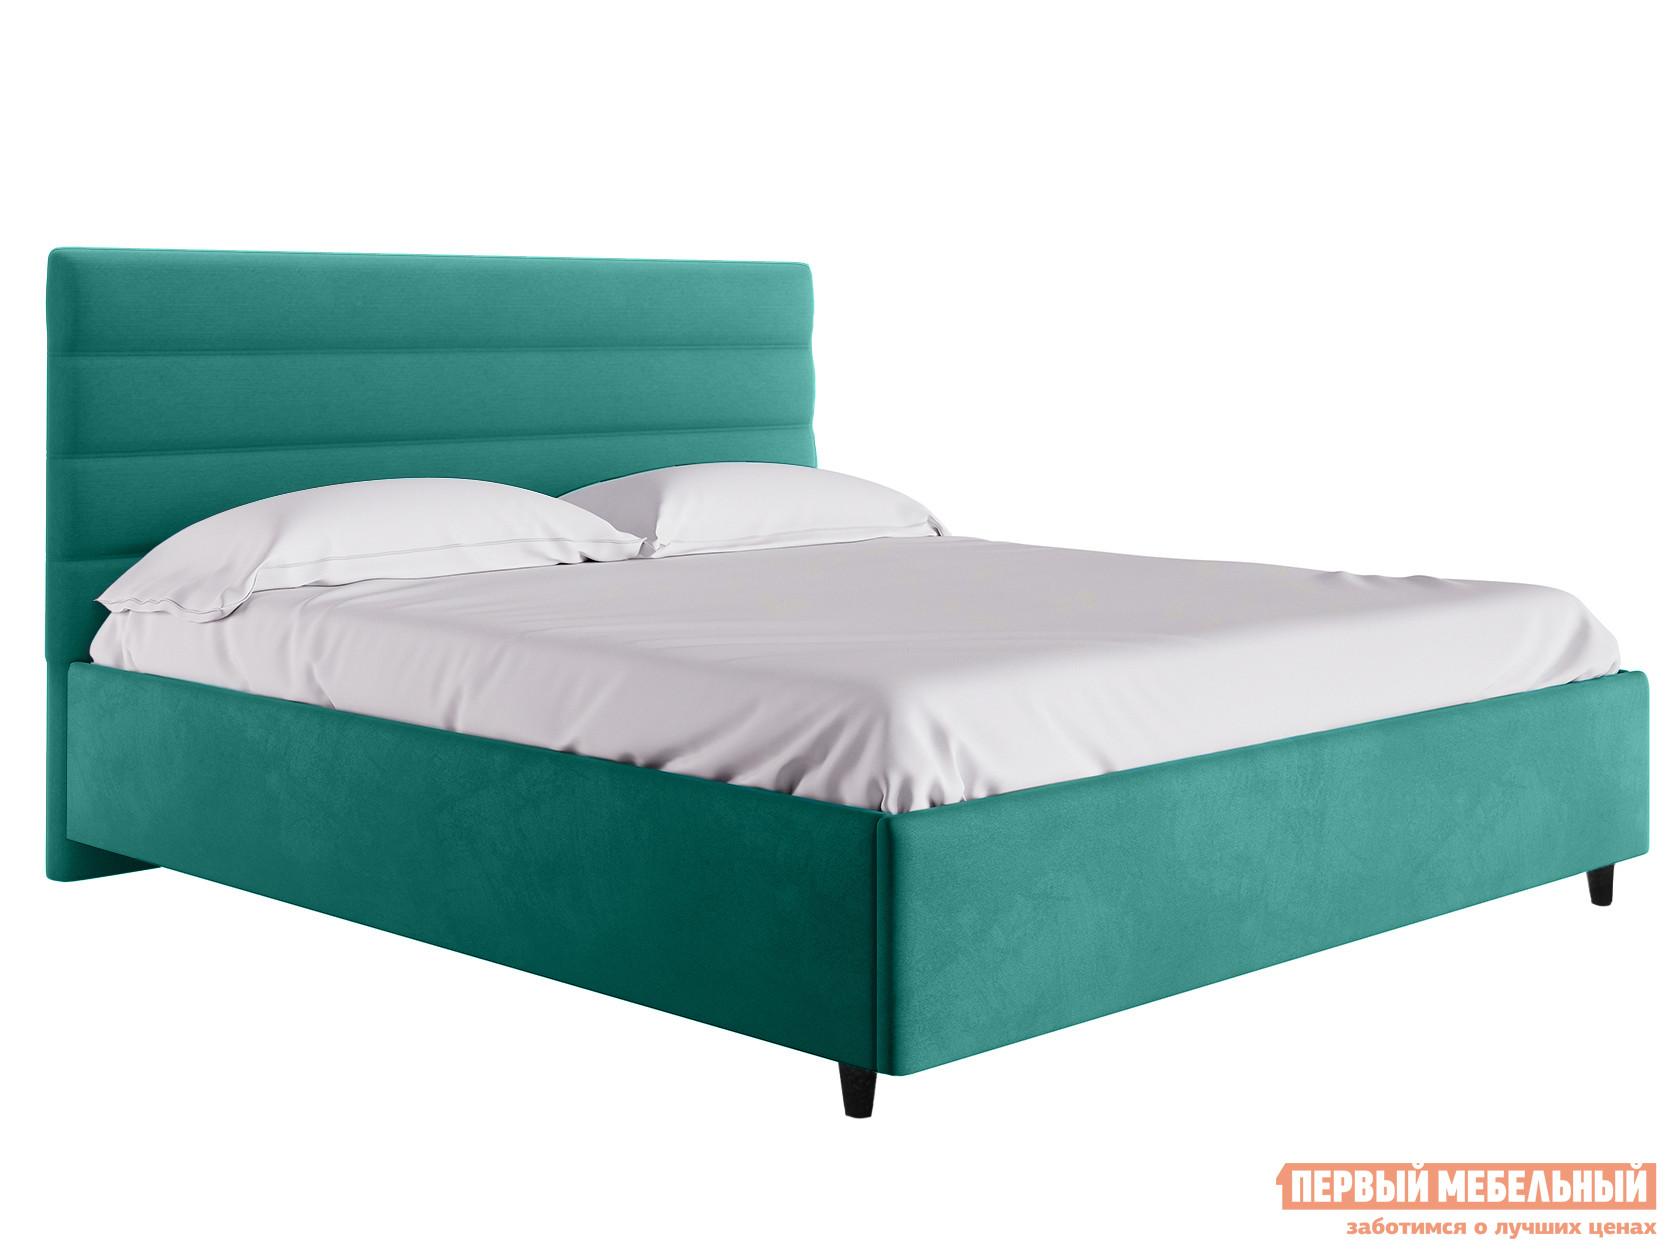 Двуспальная кровать Кровать с подъемным механизмом Франческа ПМ Мятный, велюр, 1800 Х 2000 мм фото